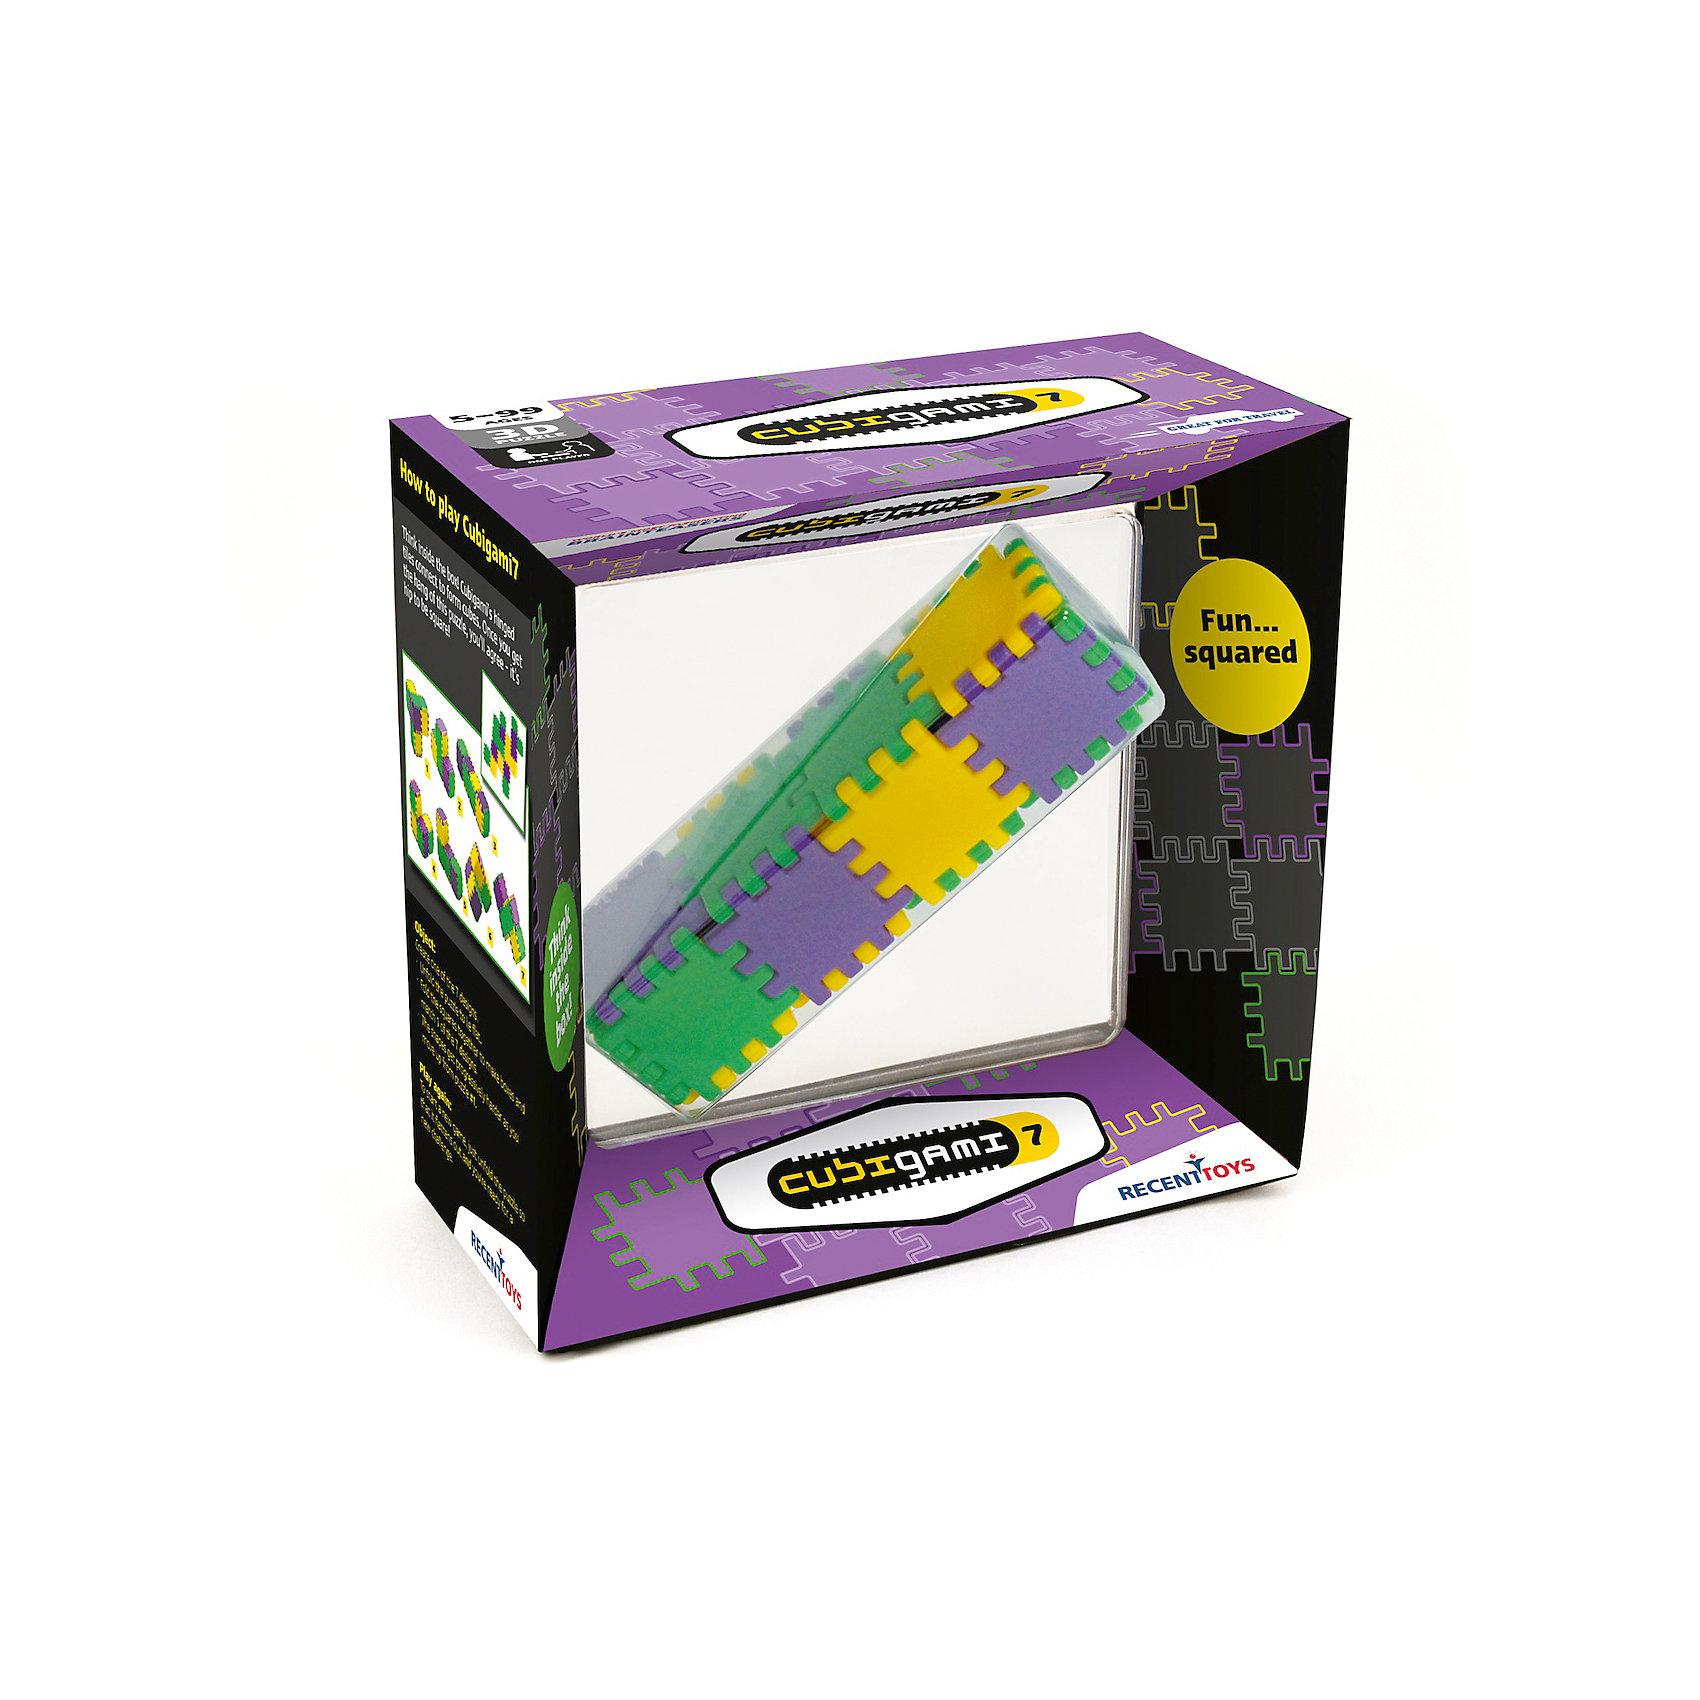 Головоломка Recent Toys Куби-ГамиОбъёмные головоломки<br>Характеристики:<br><br>• возраст: от 8 лет;<br>• сложность игры: средний уровень;<br>• материал: пластик;<br>• количество игроков: 1;<br>• время игры: 30 мин.;<br>• вес упаковки: 200 г.;<br>• размер одного элемента: 4х4 см;<br>• размер собранной головоломки: 4х4х16 см;<br>• тип упаковки: картонная коробка;<br>• размер упаковки: 19х19х19 см.<br><br>Геометрическая головоломка «Куби-Гами 7» – развивающая логическая игра.<br><br>Это творческая головоломка, в которой нужно собрать все 7 возможных 3D-форм из 18 квадратных элементов-плиток, скрепленных между собой шарнирами. Нужно найти комбинации для всех 7 кубических конструкций.<br><br>Головоломка понравится творческим детям и взрослым, любящим создавать различные фигуры и конструкции.<br><br>Головоломку «Куби-Гами», Recent Toys можно приобрести в нашем интернет-магазине.<br><br>Ширина мм: 190<br>Глубина мм: 60<br>Высота мм: 190<br>Вес г: 300<br>Возраст от месяцев: 60<br>Возраст до месяцев: 2147483647<br>Пол: Унисекс<br>Возраст: Детский<br>SKU: 7029018